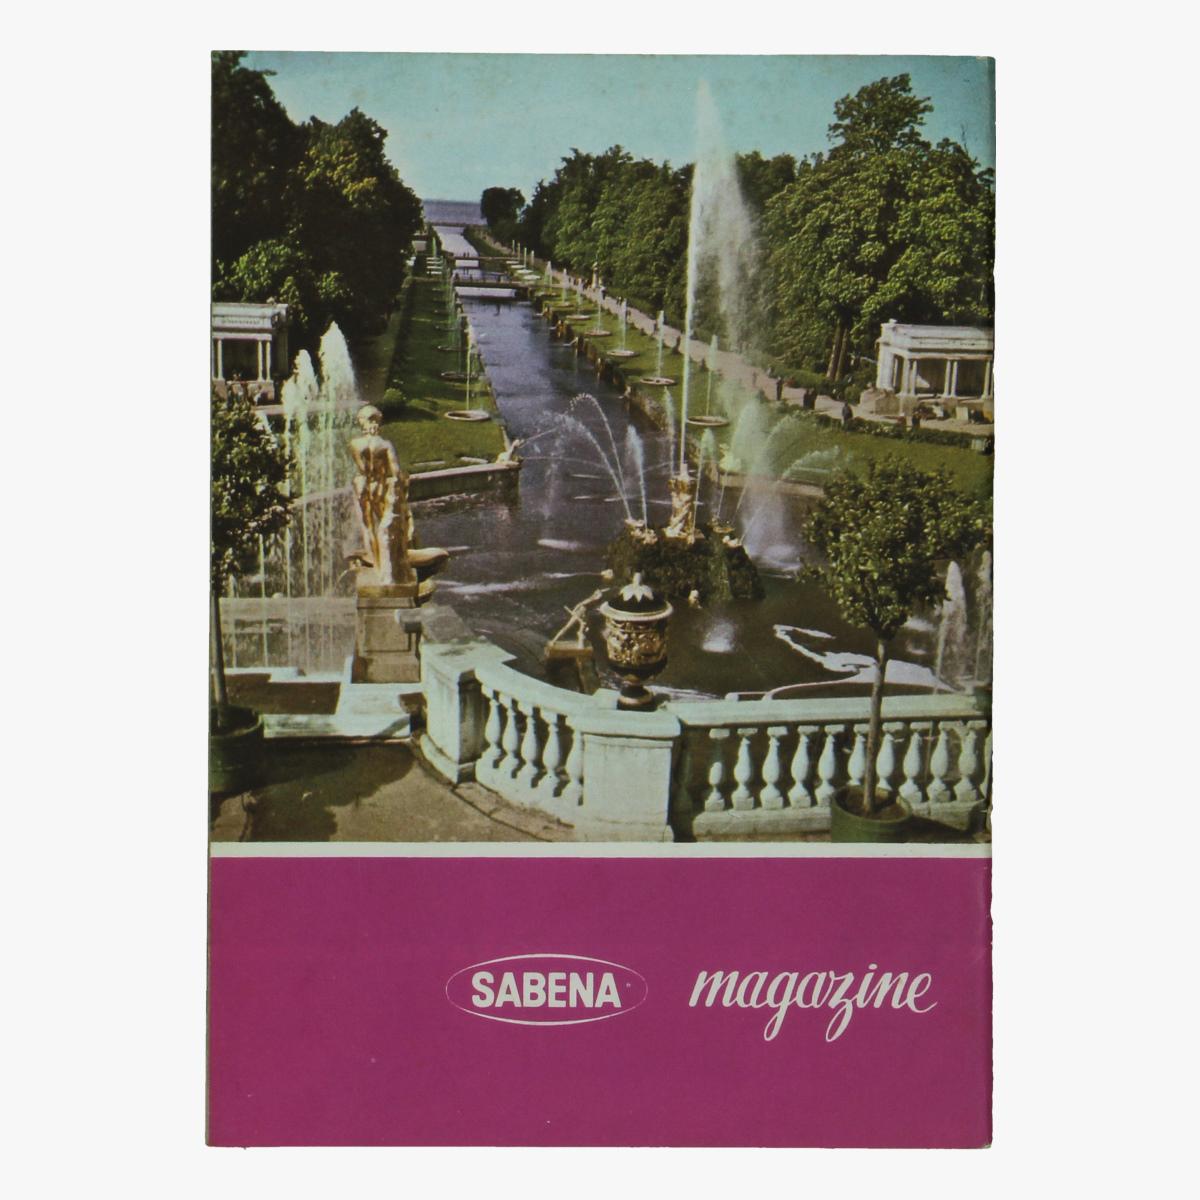 Afbeeldingen van sabena magazine vacances de u.r.s.s.